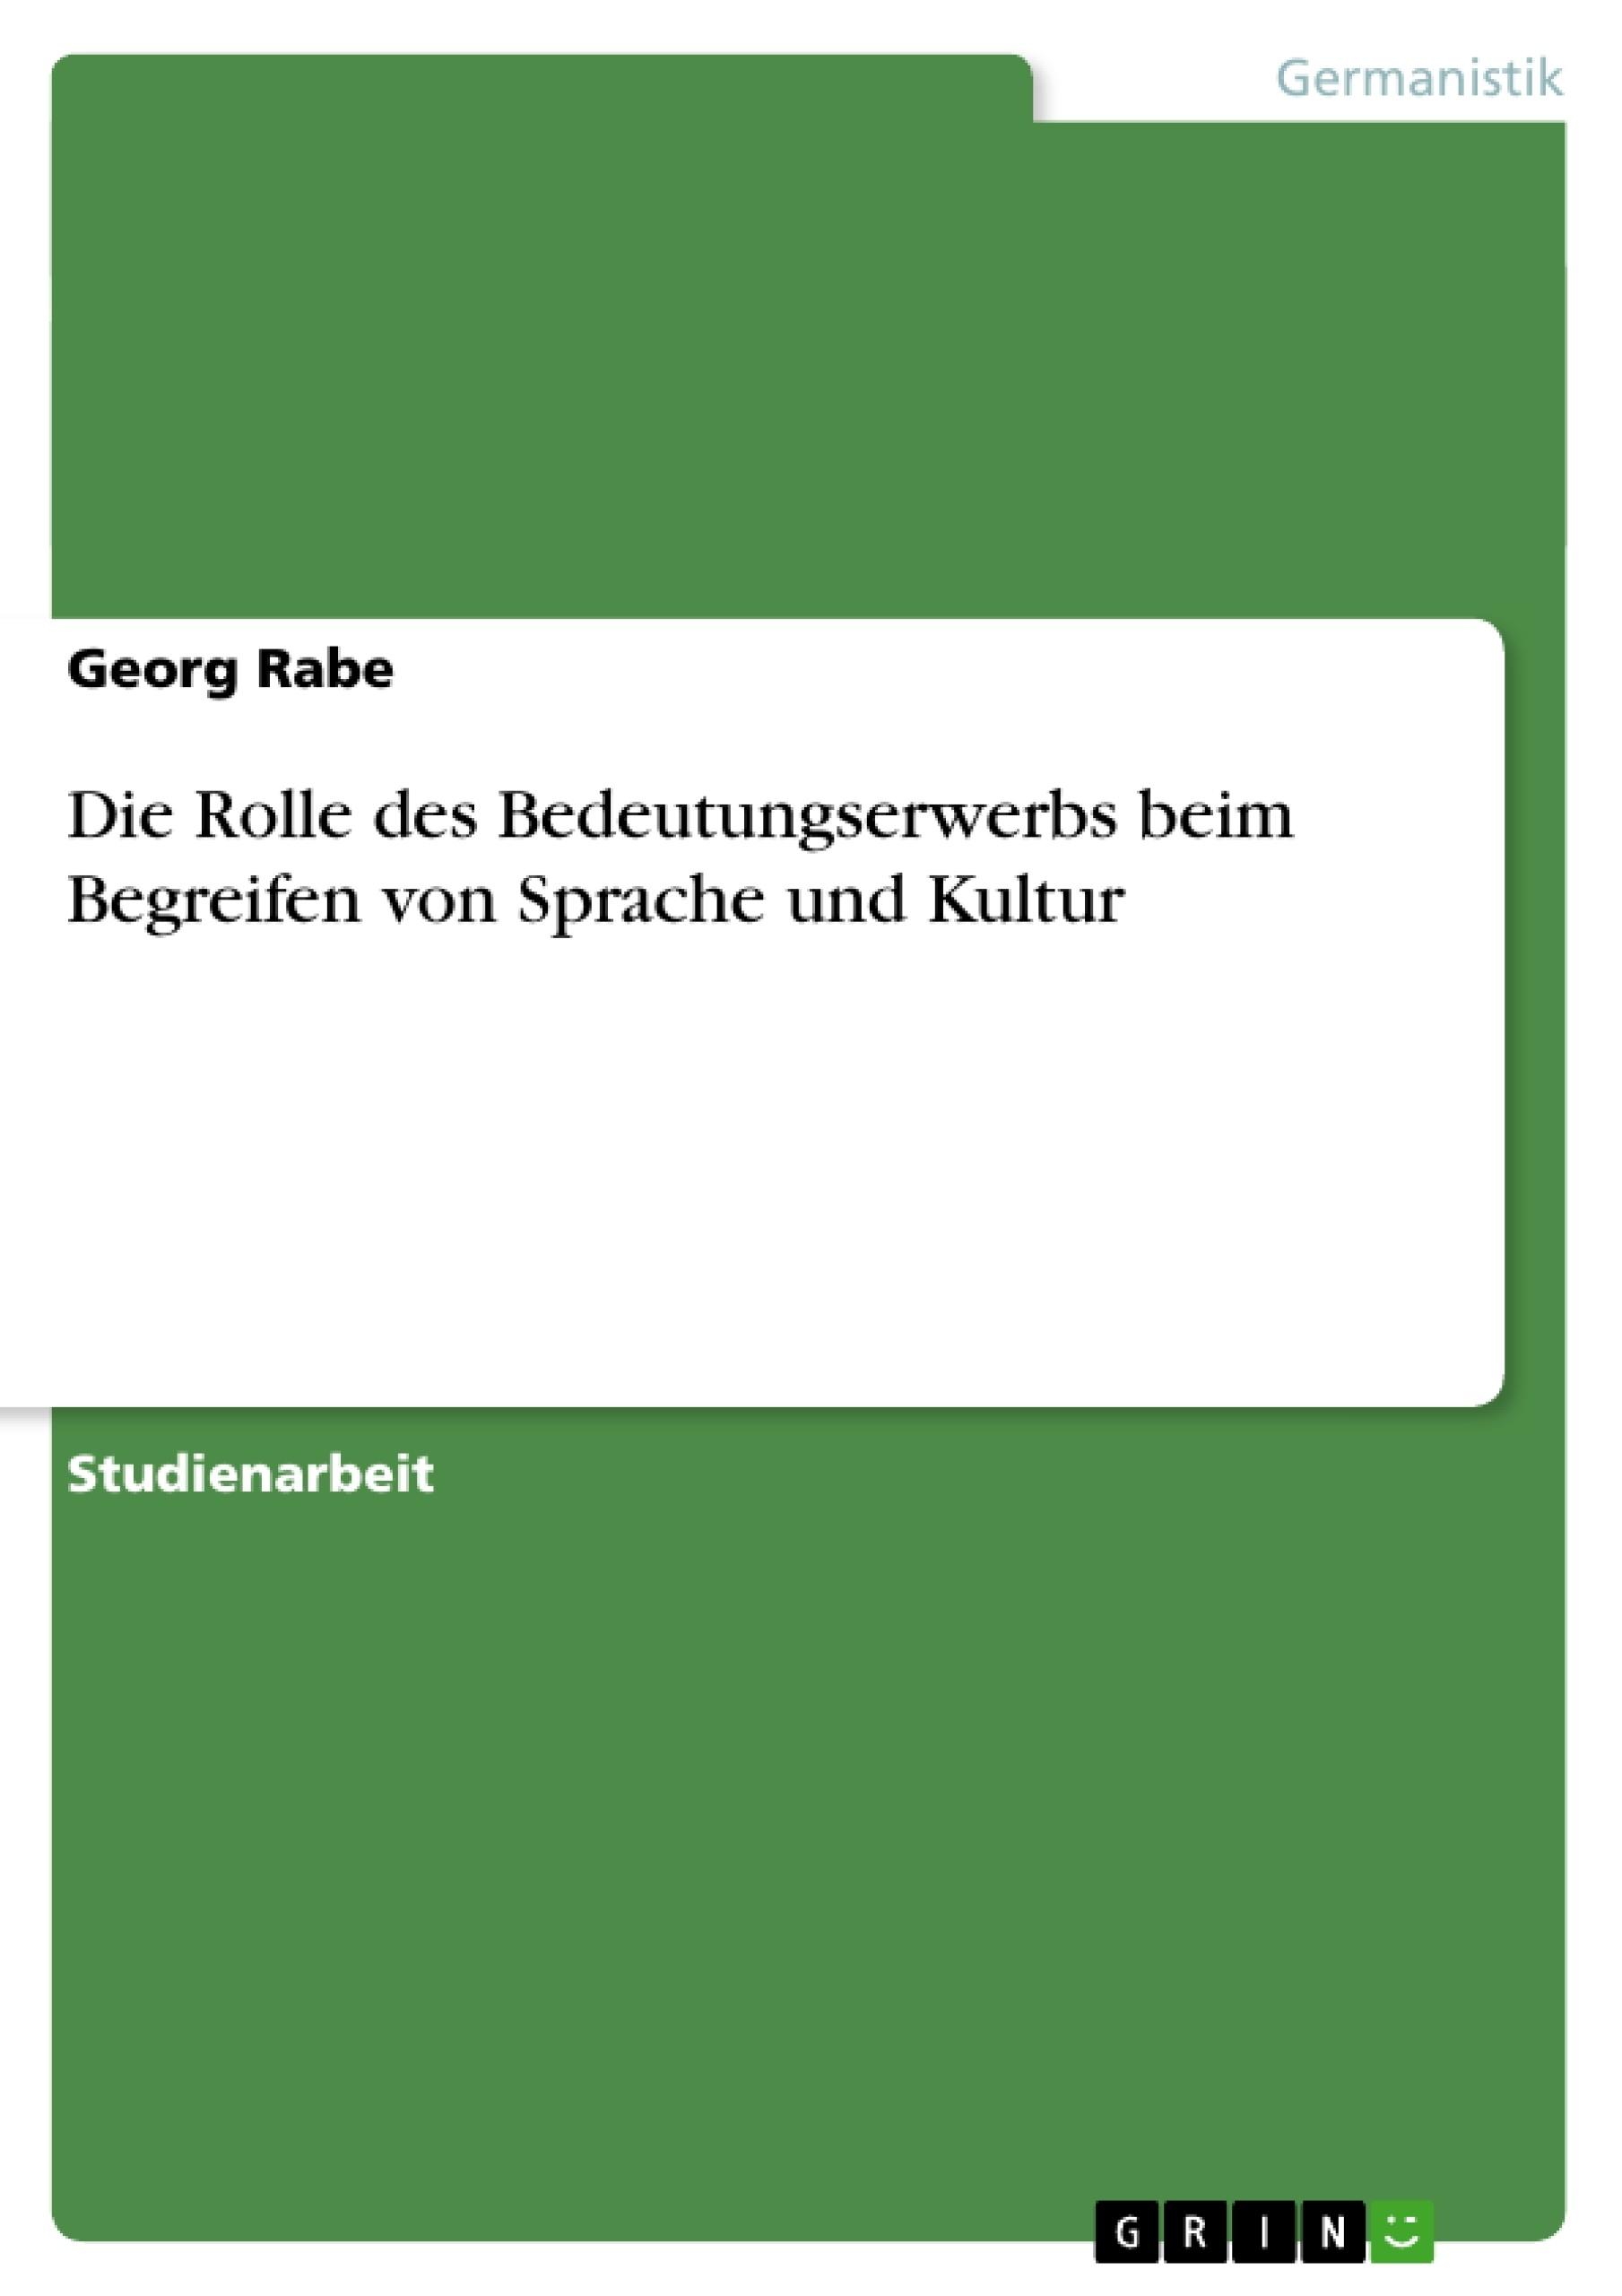 Titel: Die Rolle des Bedeutungserwerbs beim Begreifen von Sprache und Kultur